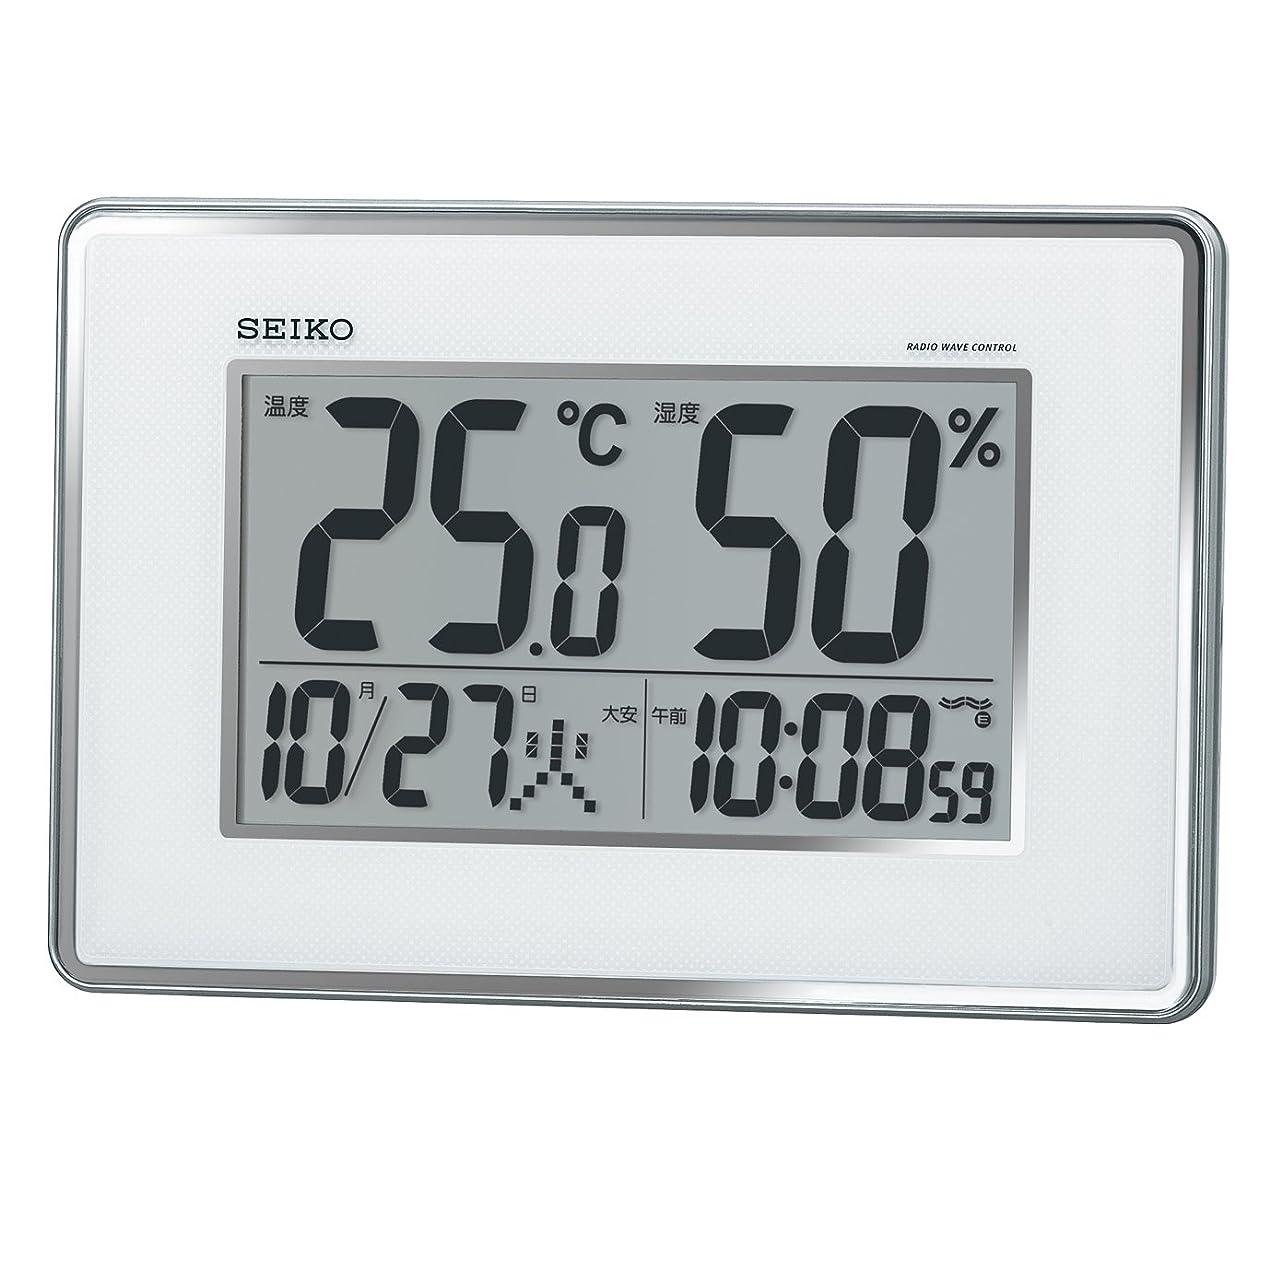 起点人間以下セイコー クロック 掛け時計 置き時計 兼用 電波 デジタル カレンダー 温度 湿度 表示 銀色 メタリック SQ437S SEIKO